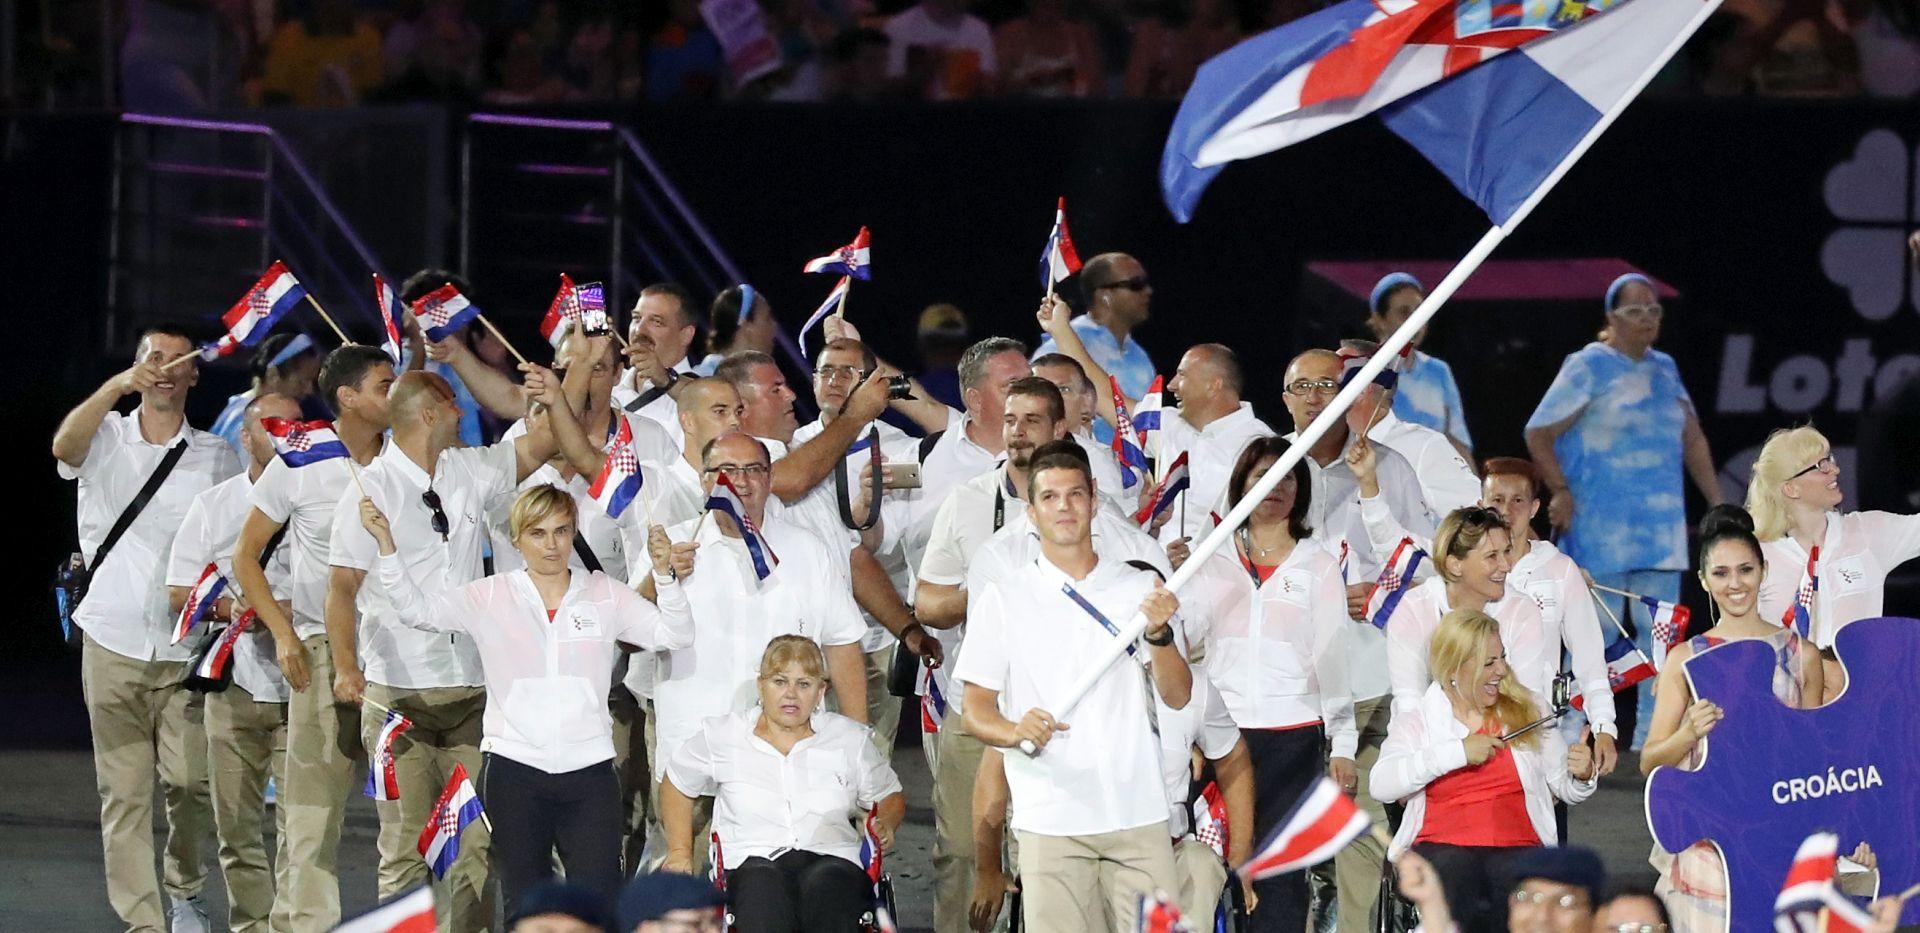 POI RIO Budetić: Velika je čast nositi hrvatsku zastavu